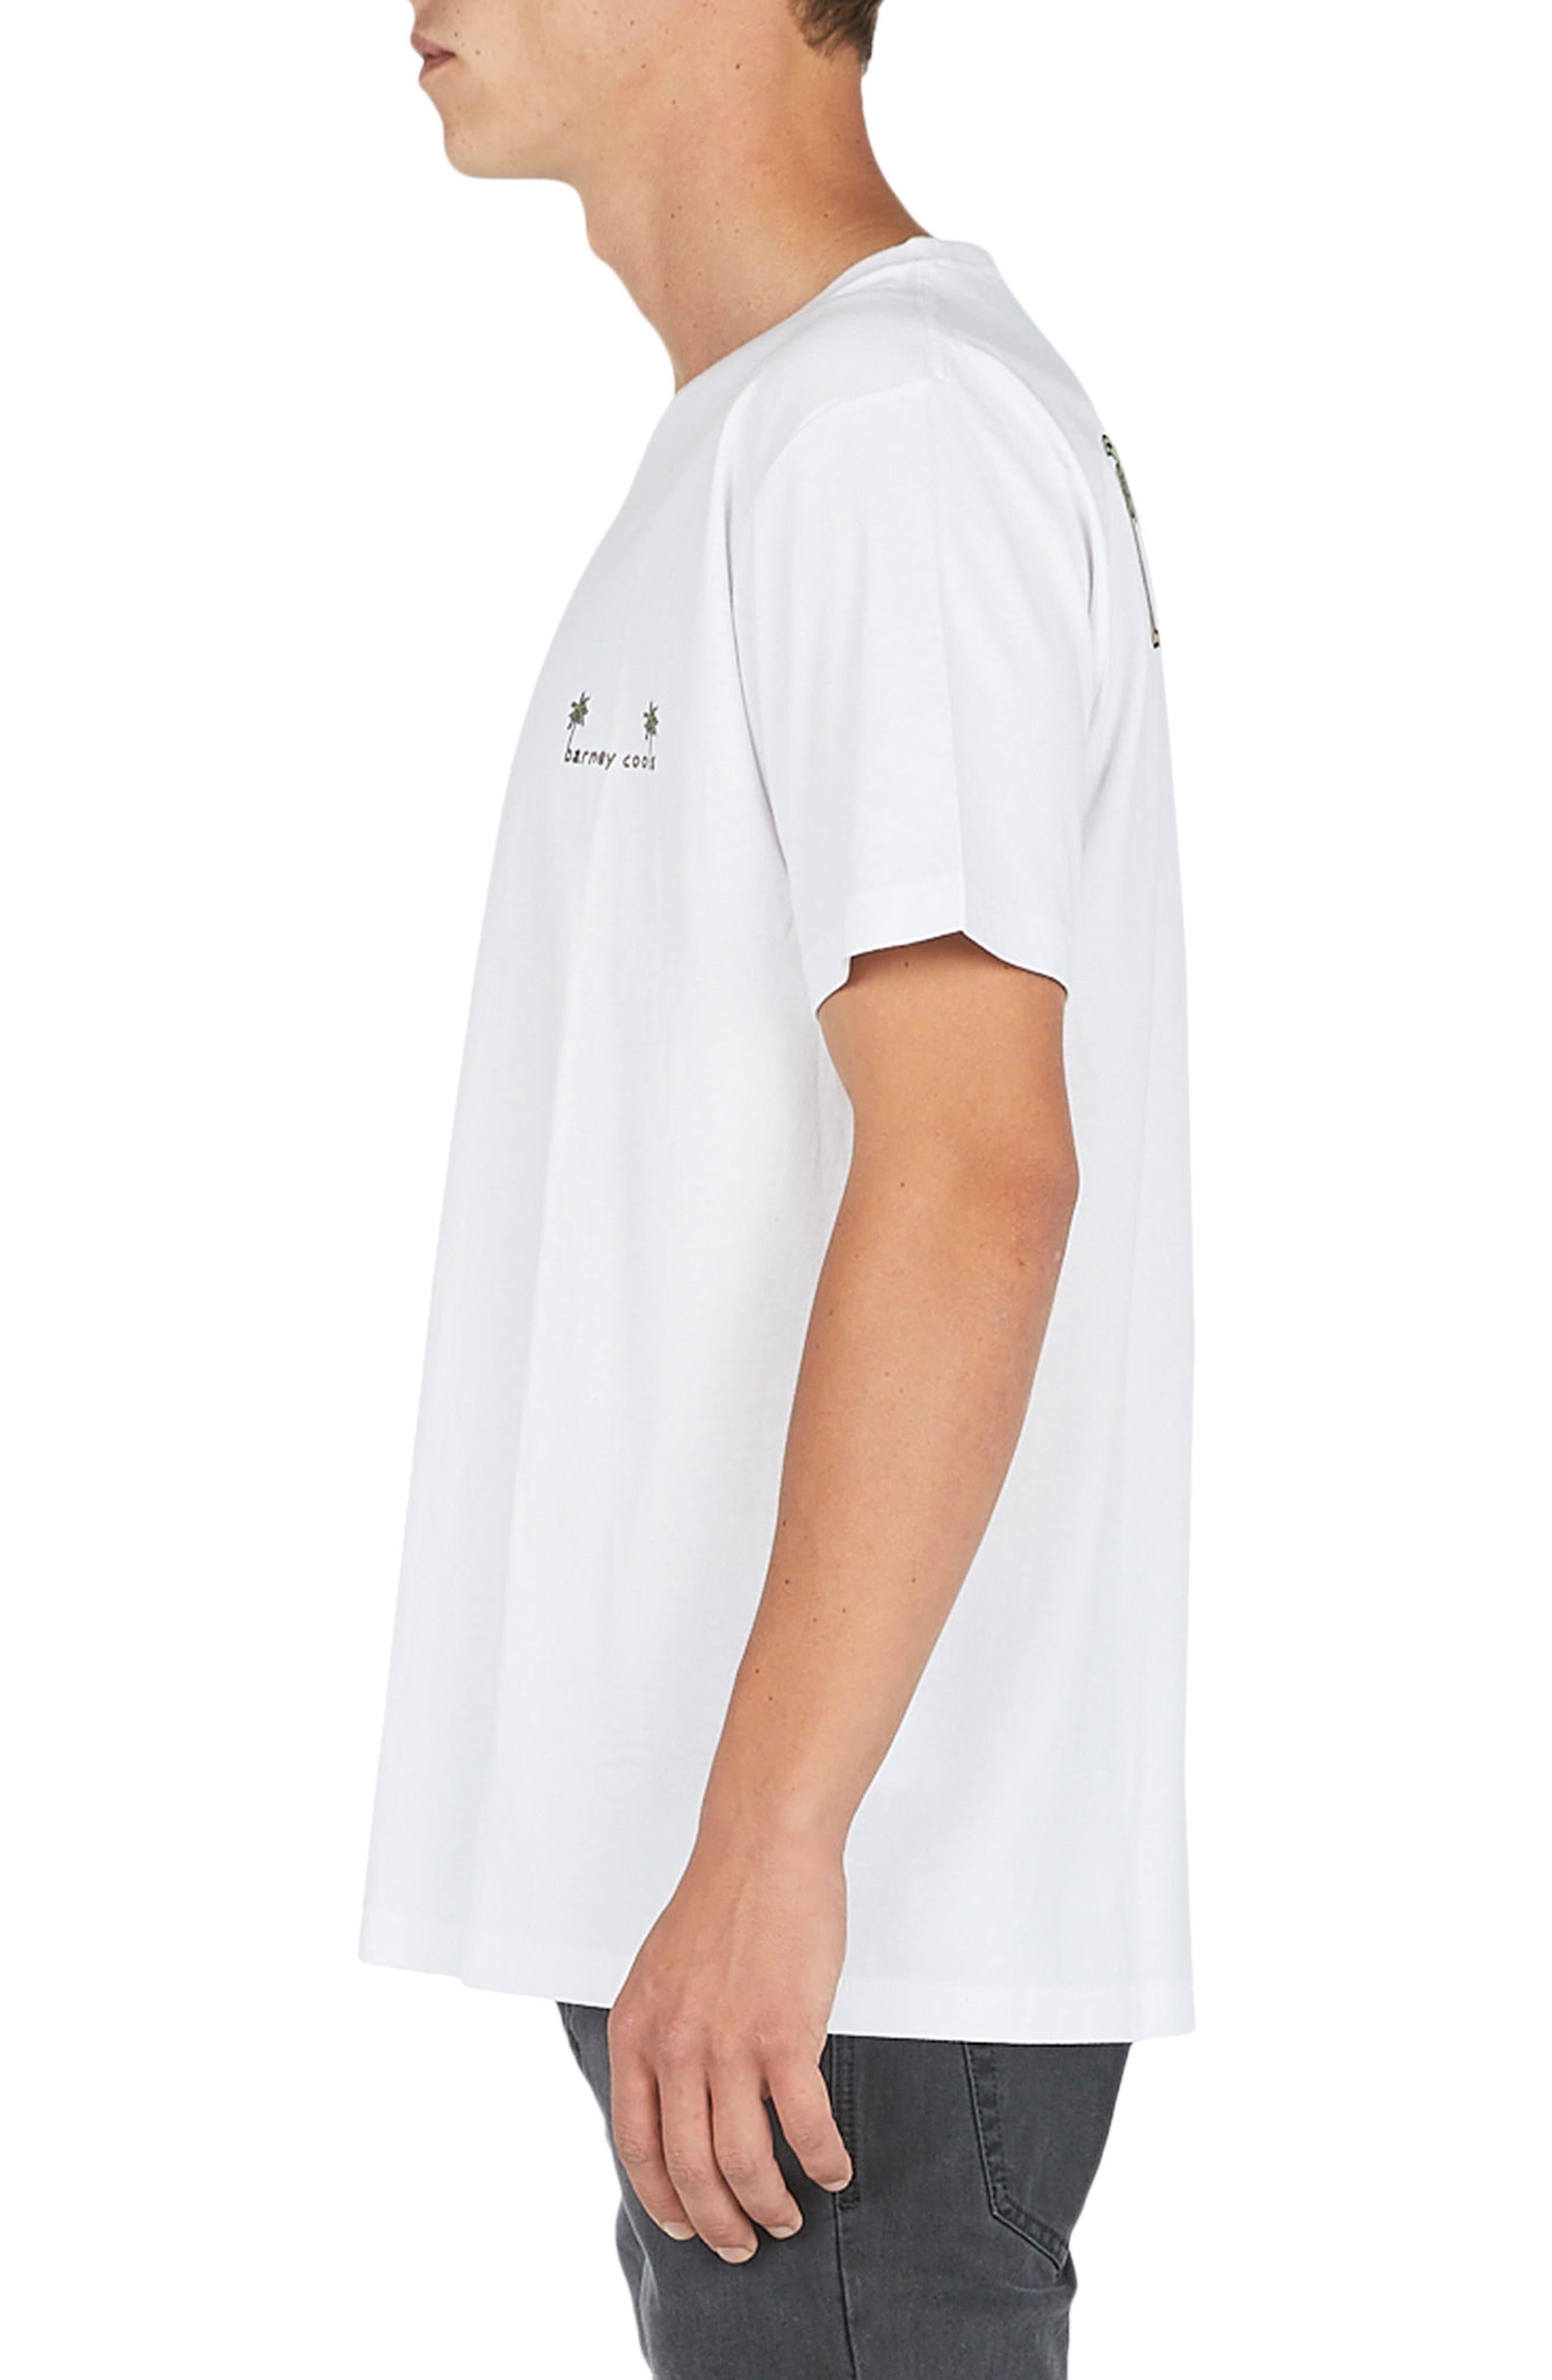 Life's Tough T-Shirt,                             Alternate thumbnail 3, color,                             White